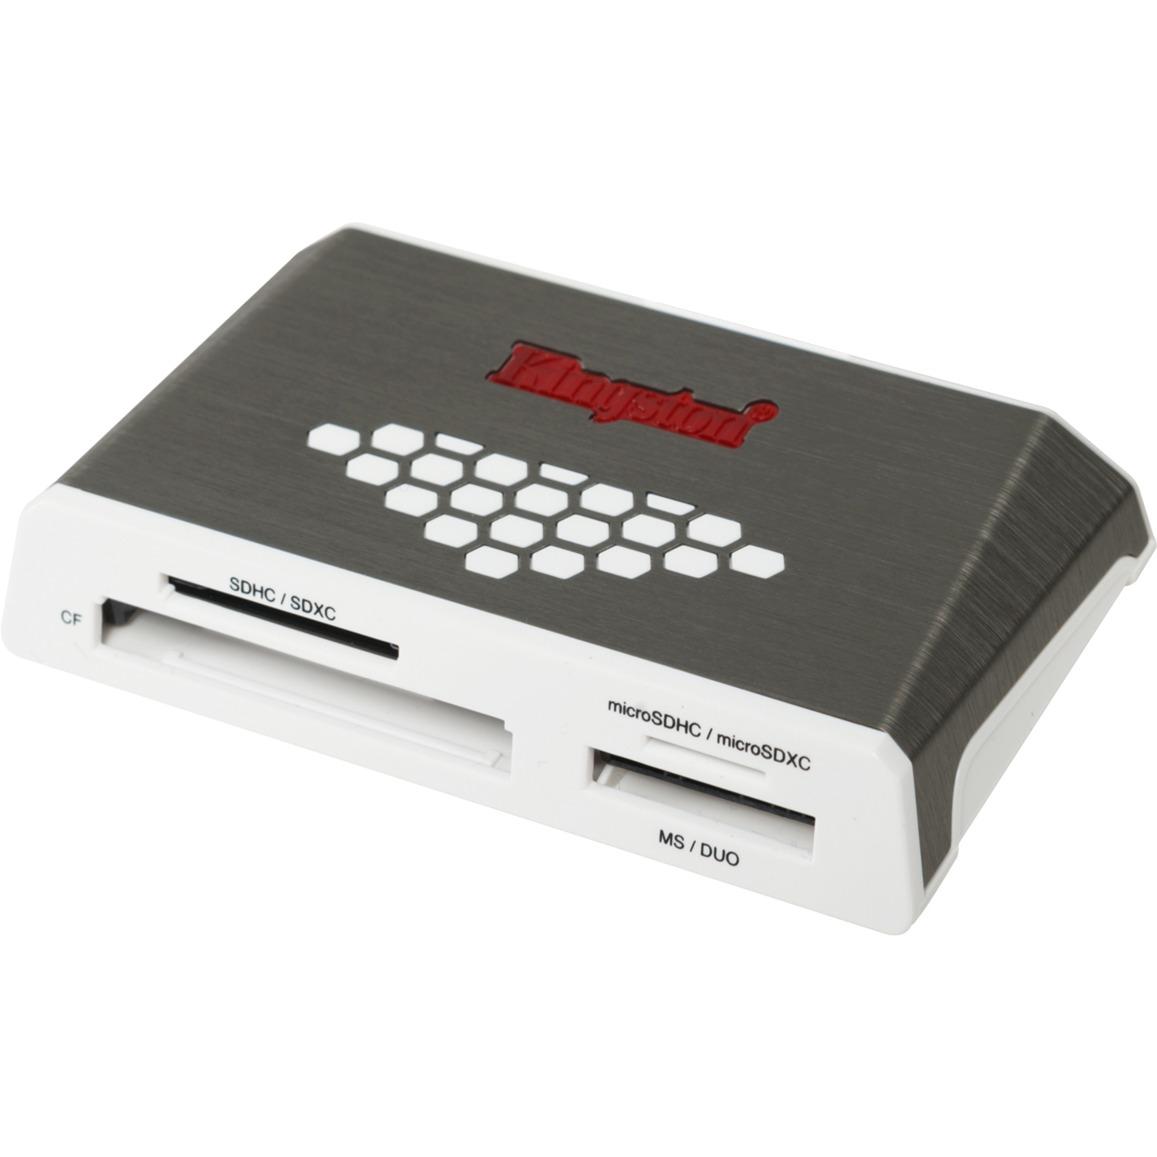 usb-30-high-speed-media-reader-usb-30-graa-hvid-kortlaser